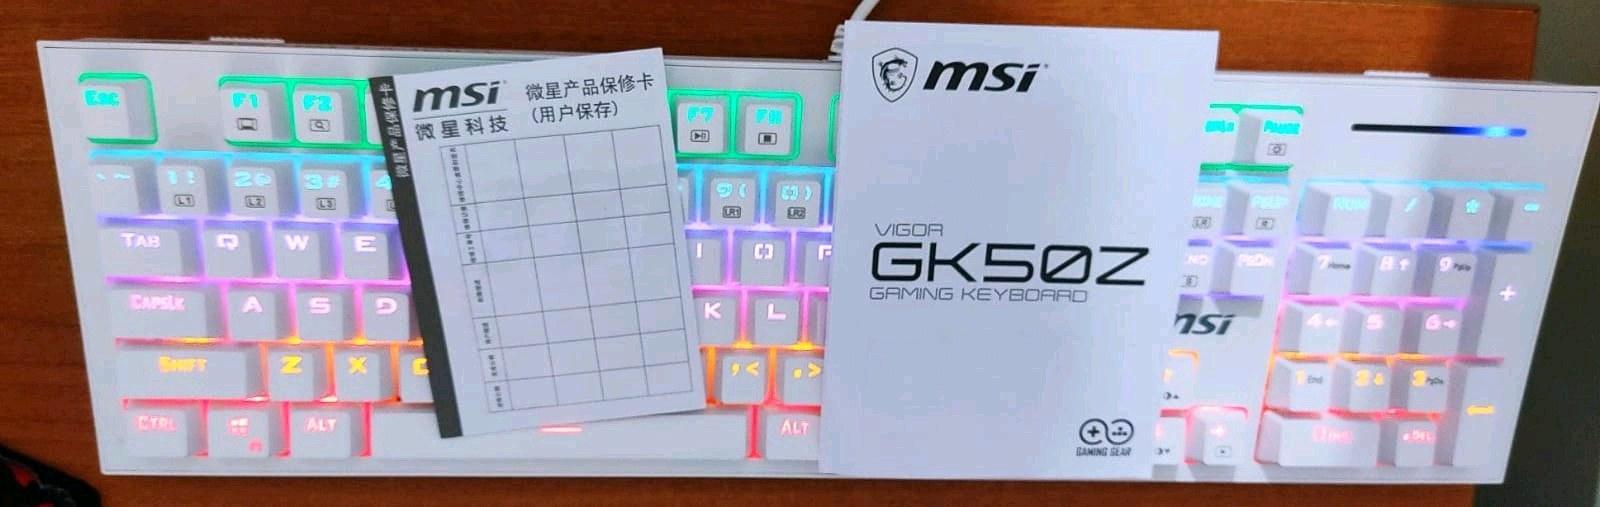 Msi Vigor GK50Z Mekanik Oyuncu Klavyesi